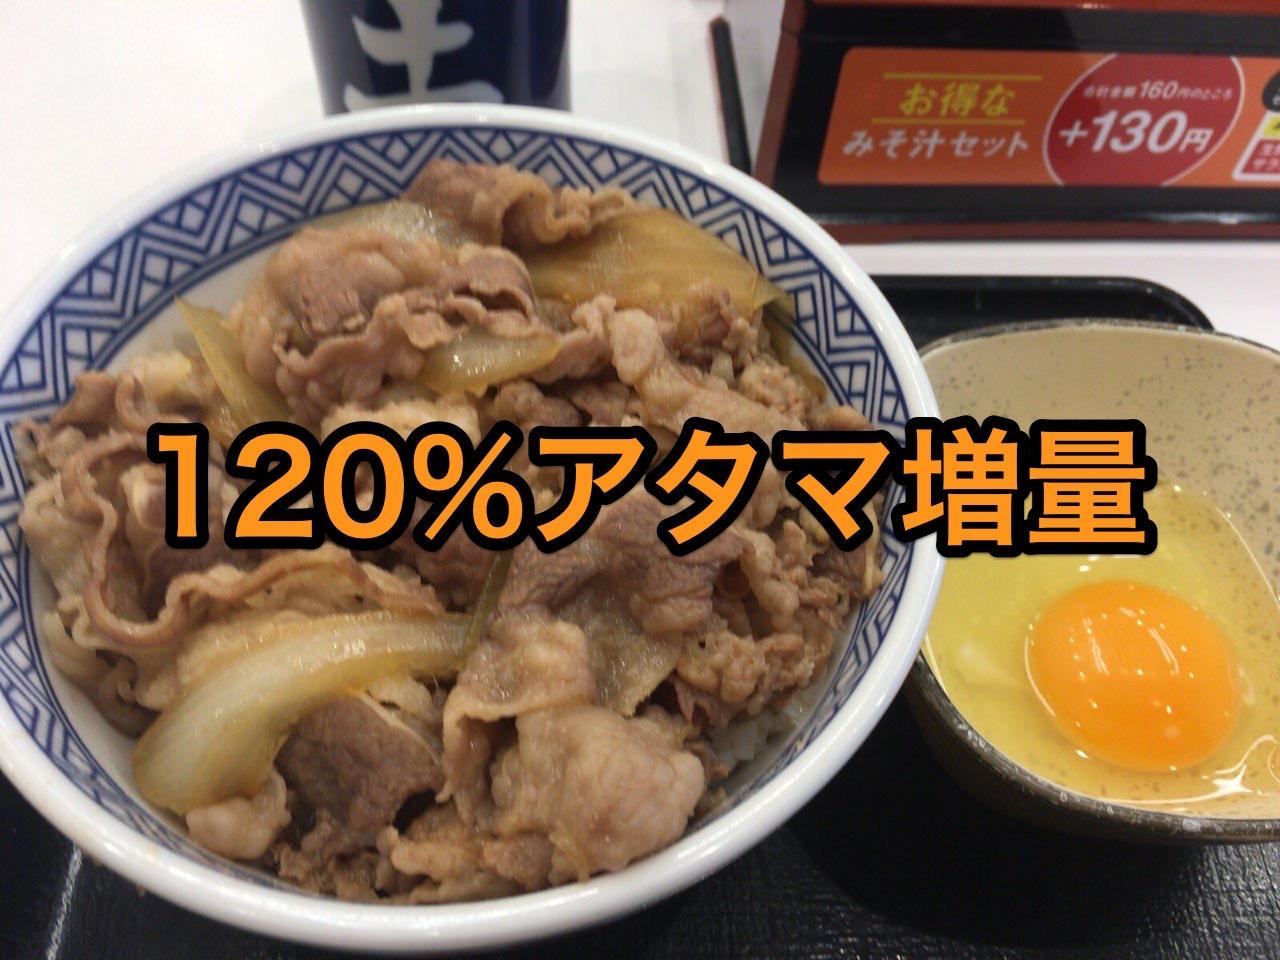 【吉野家】アタマ120%に増量した牛丼並盛を食べた【1/24限定】